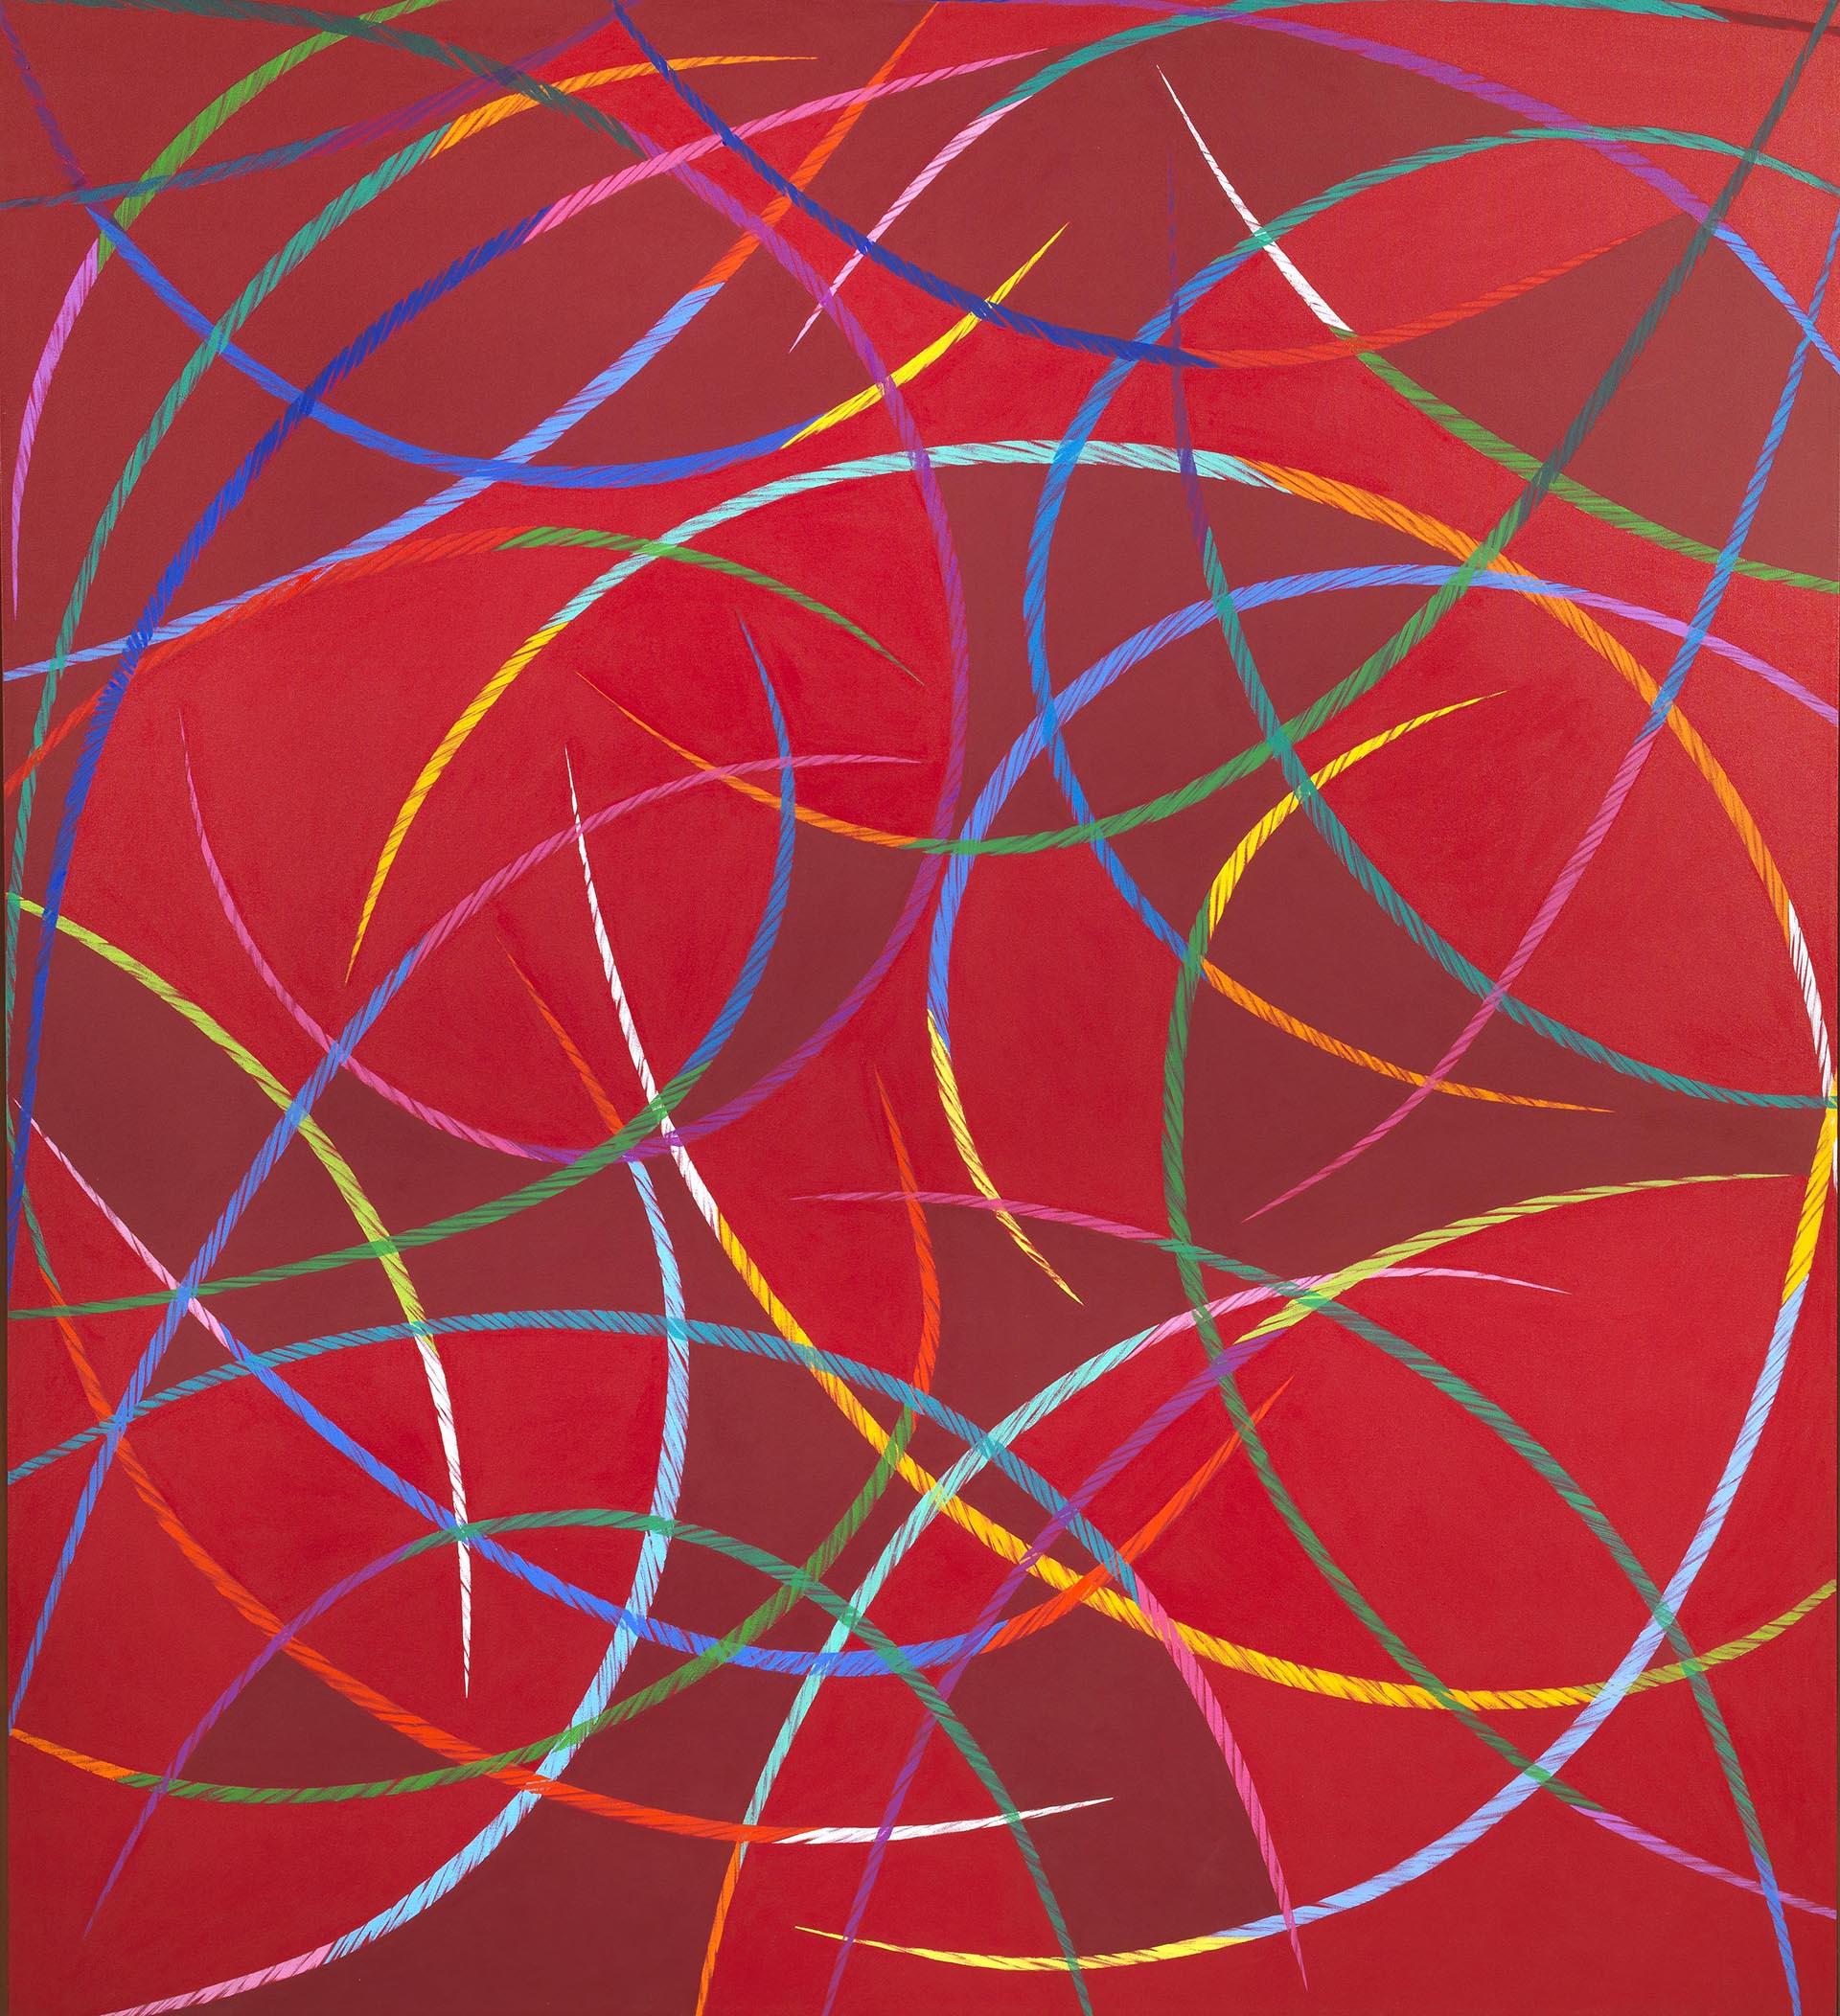 Dorazio, Rajas, 1991, 200x180.5 cm